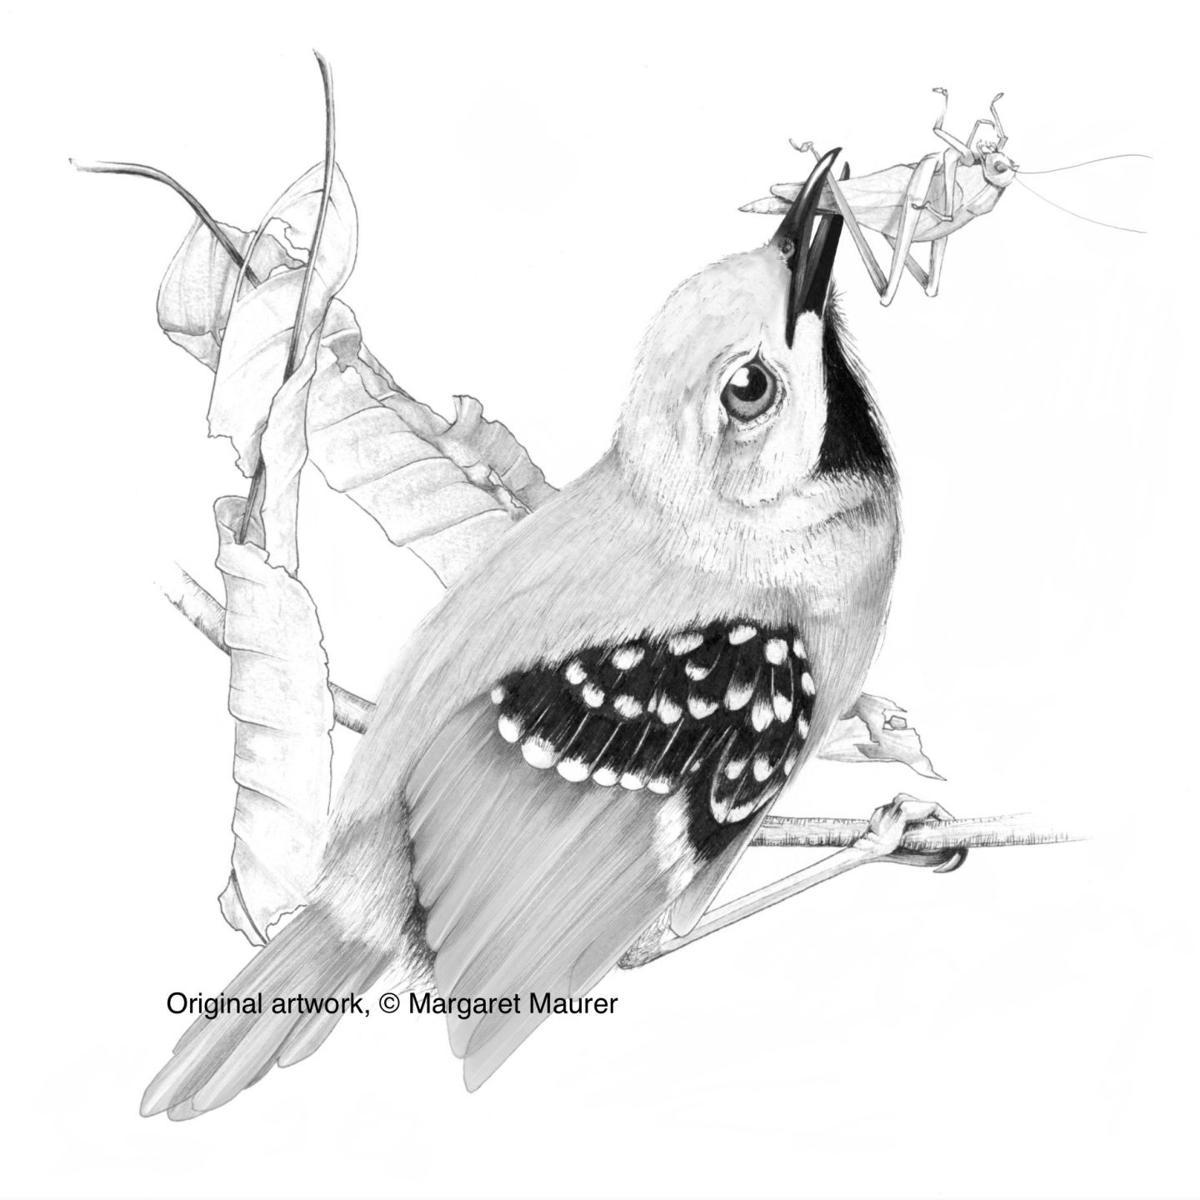 maurer illustration